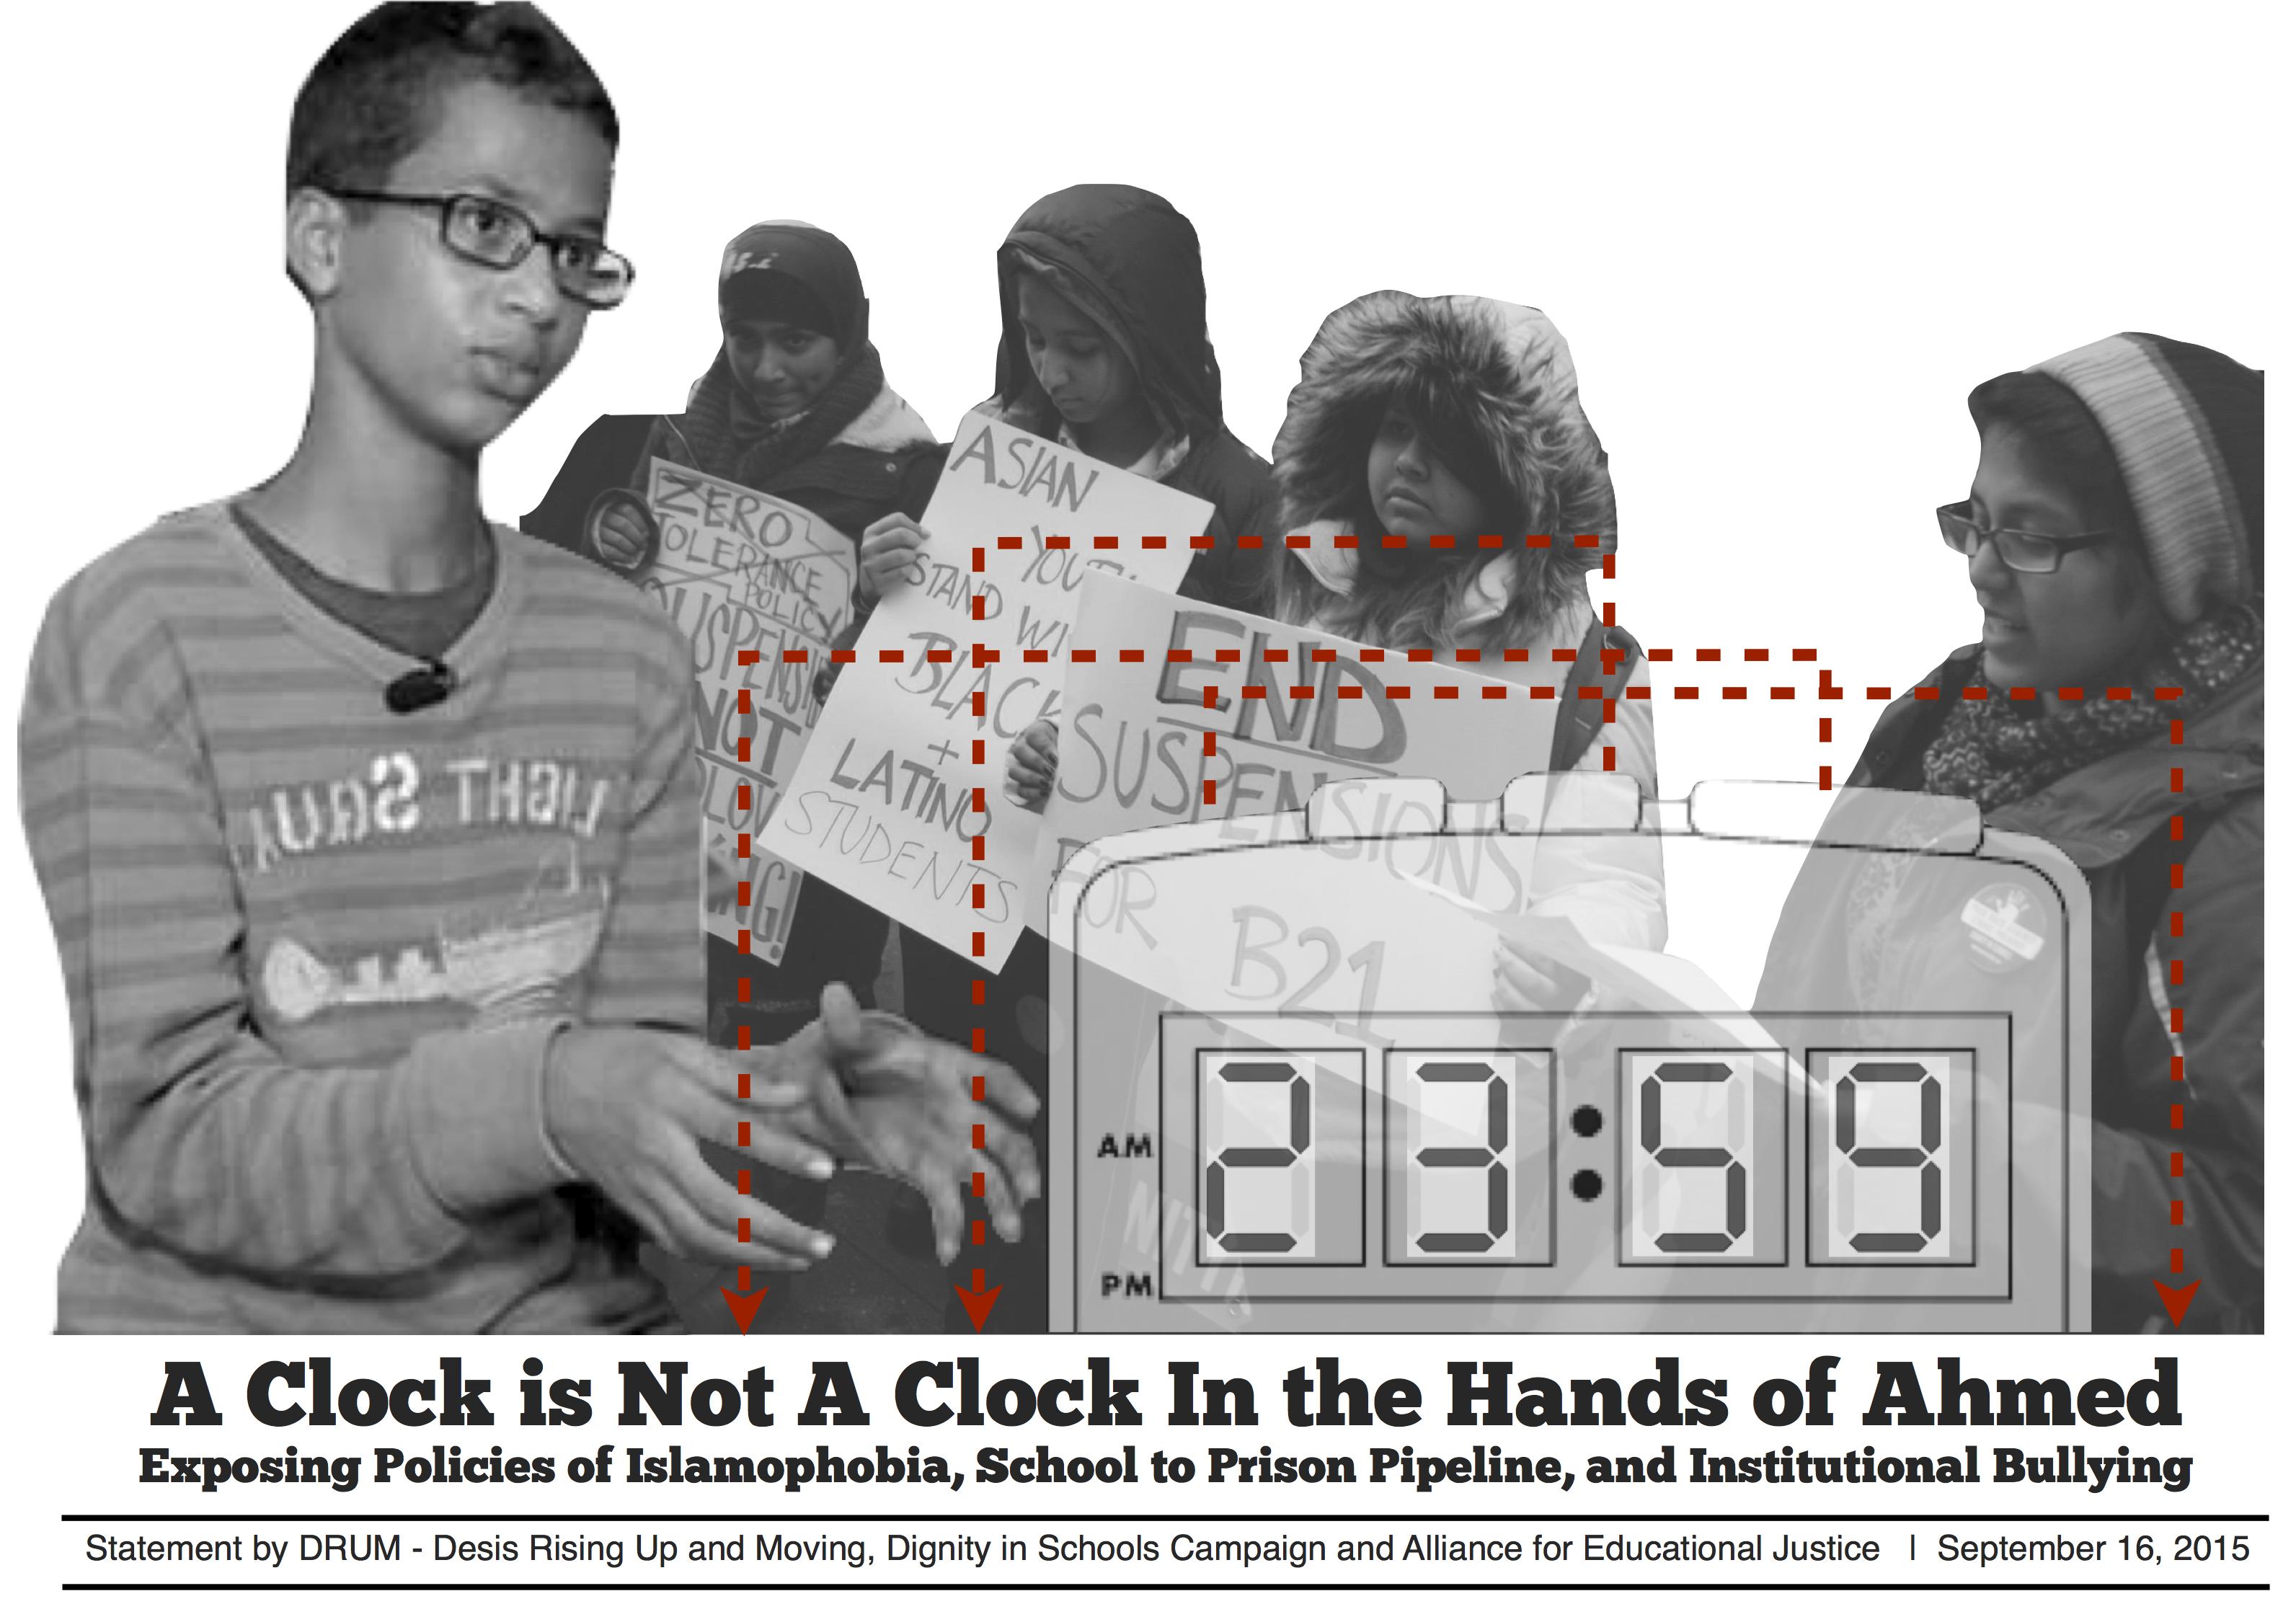 Ahmed's Clock